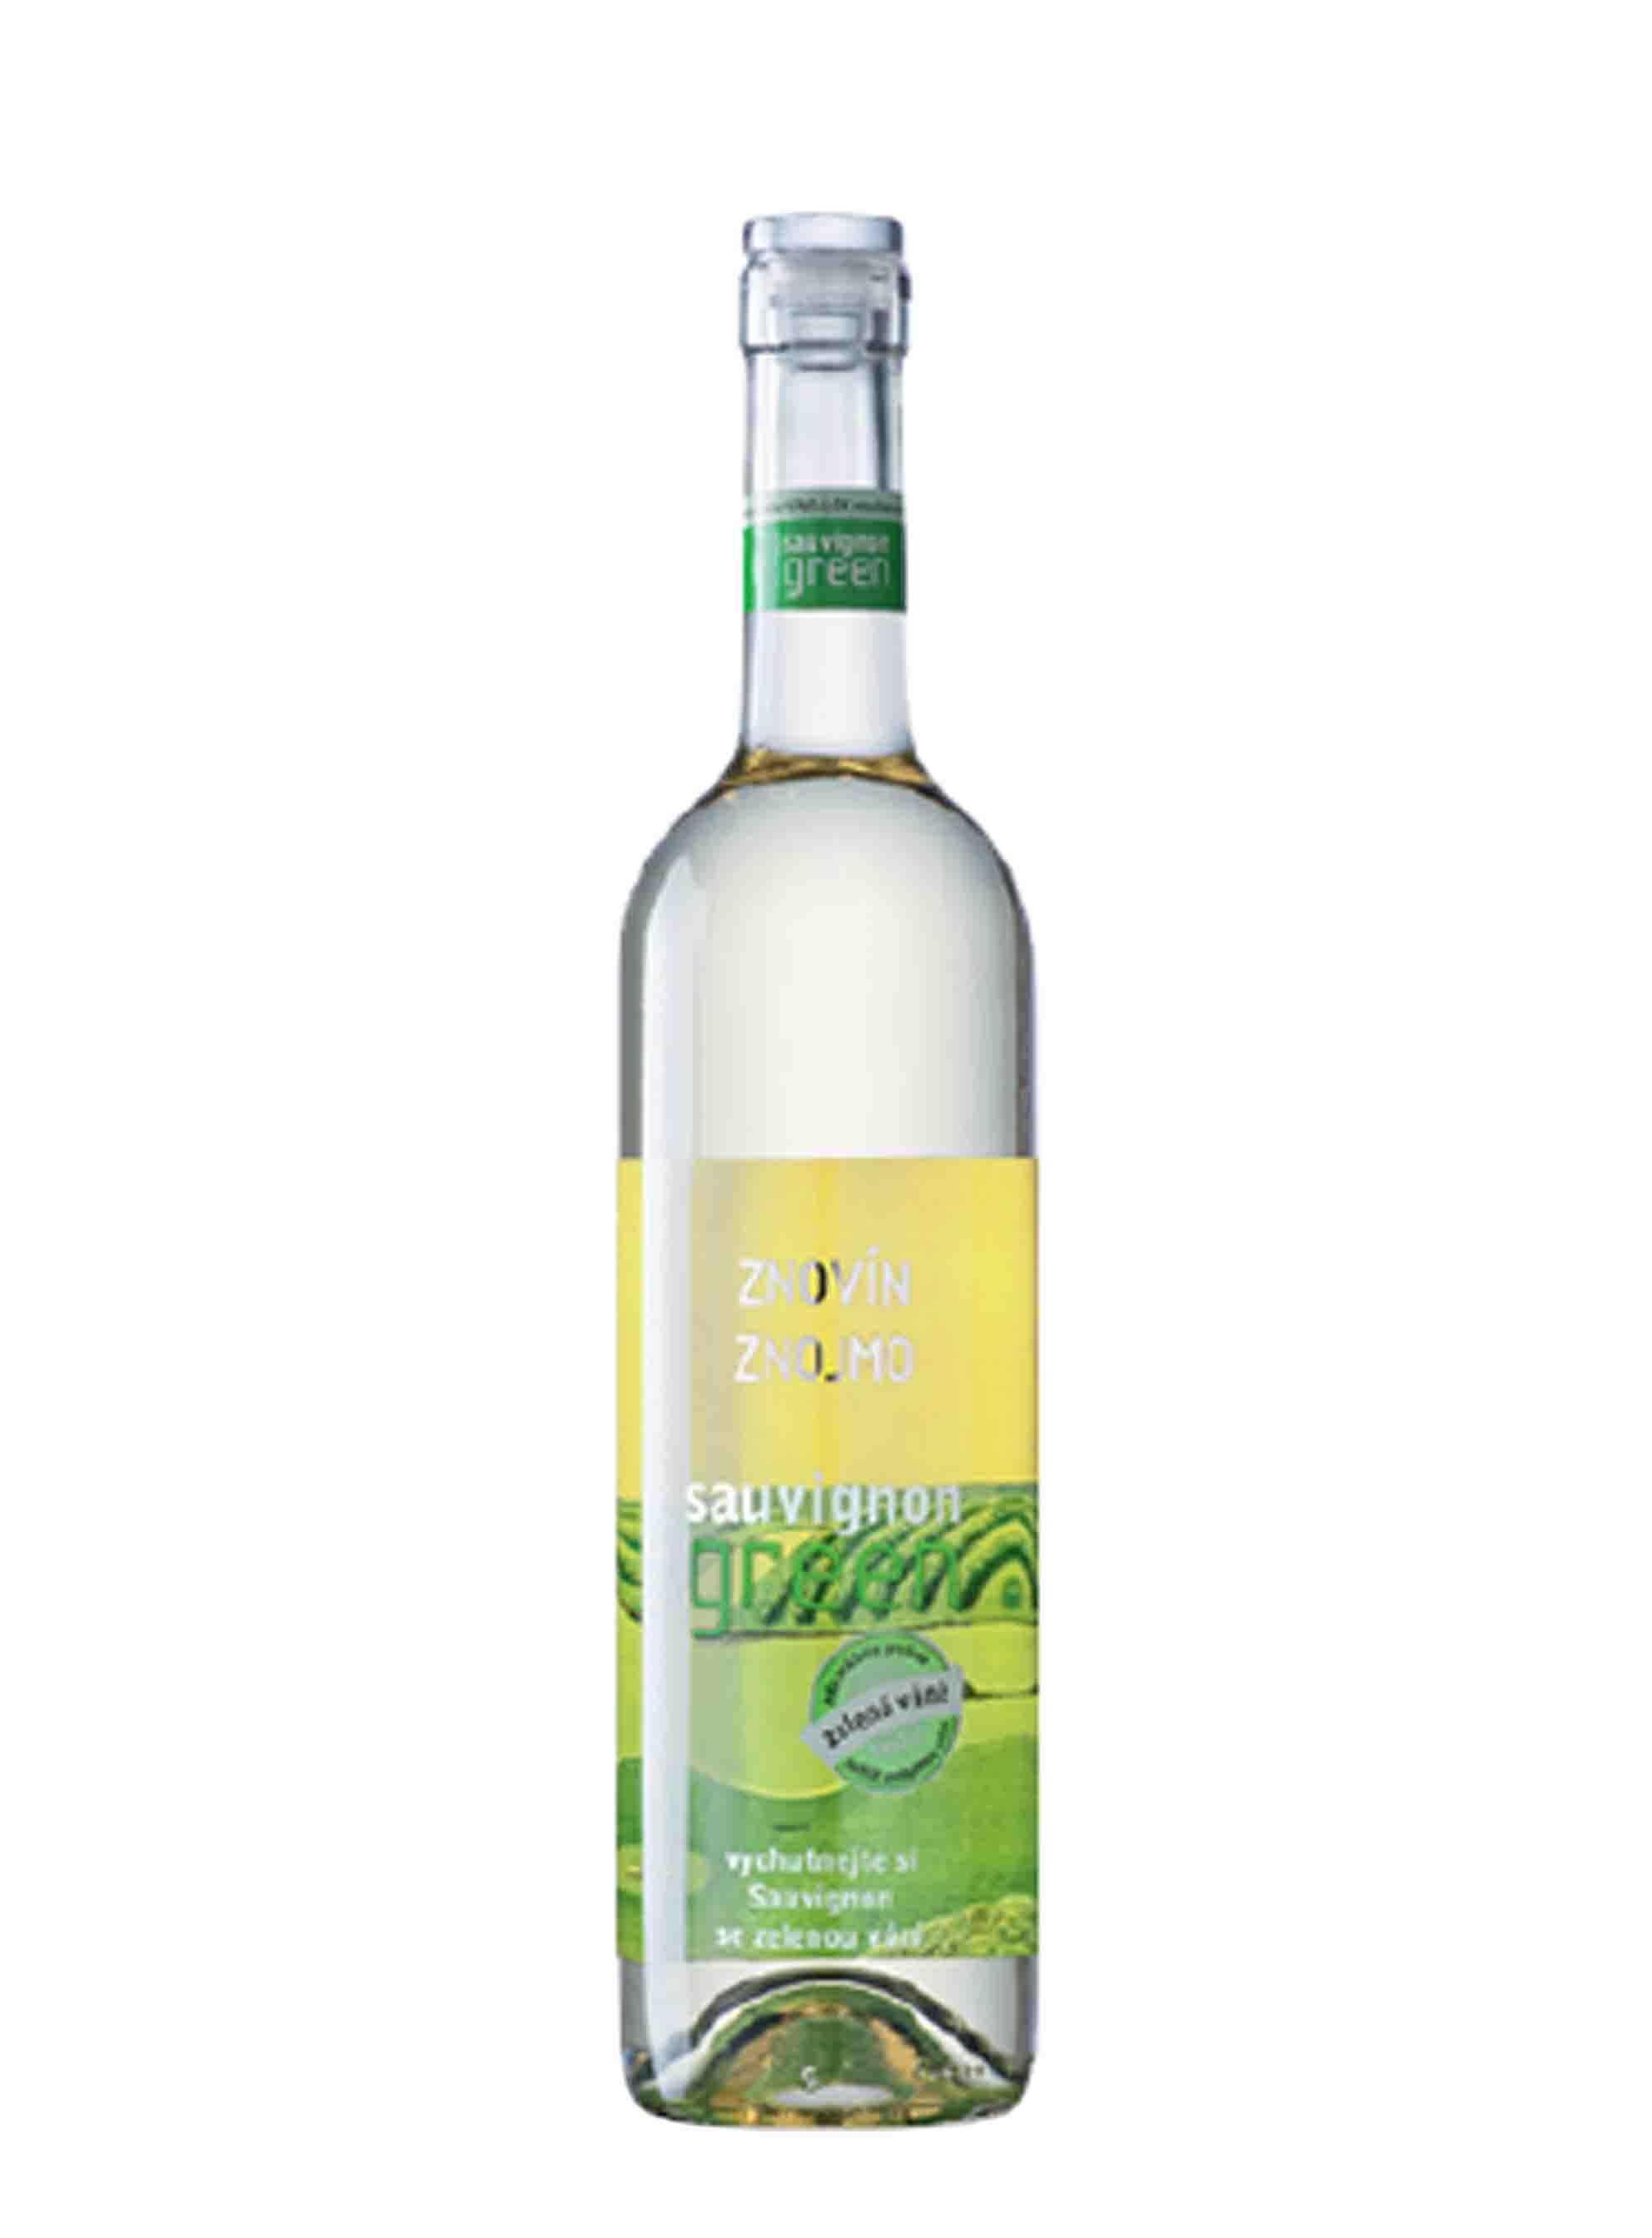 Sauvignon, Green, Pozdní sběr, 2015, Znovín Znojmo, 0.75 l